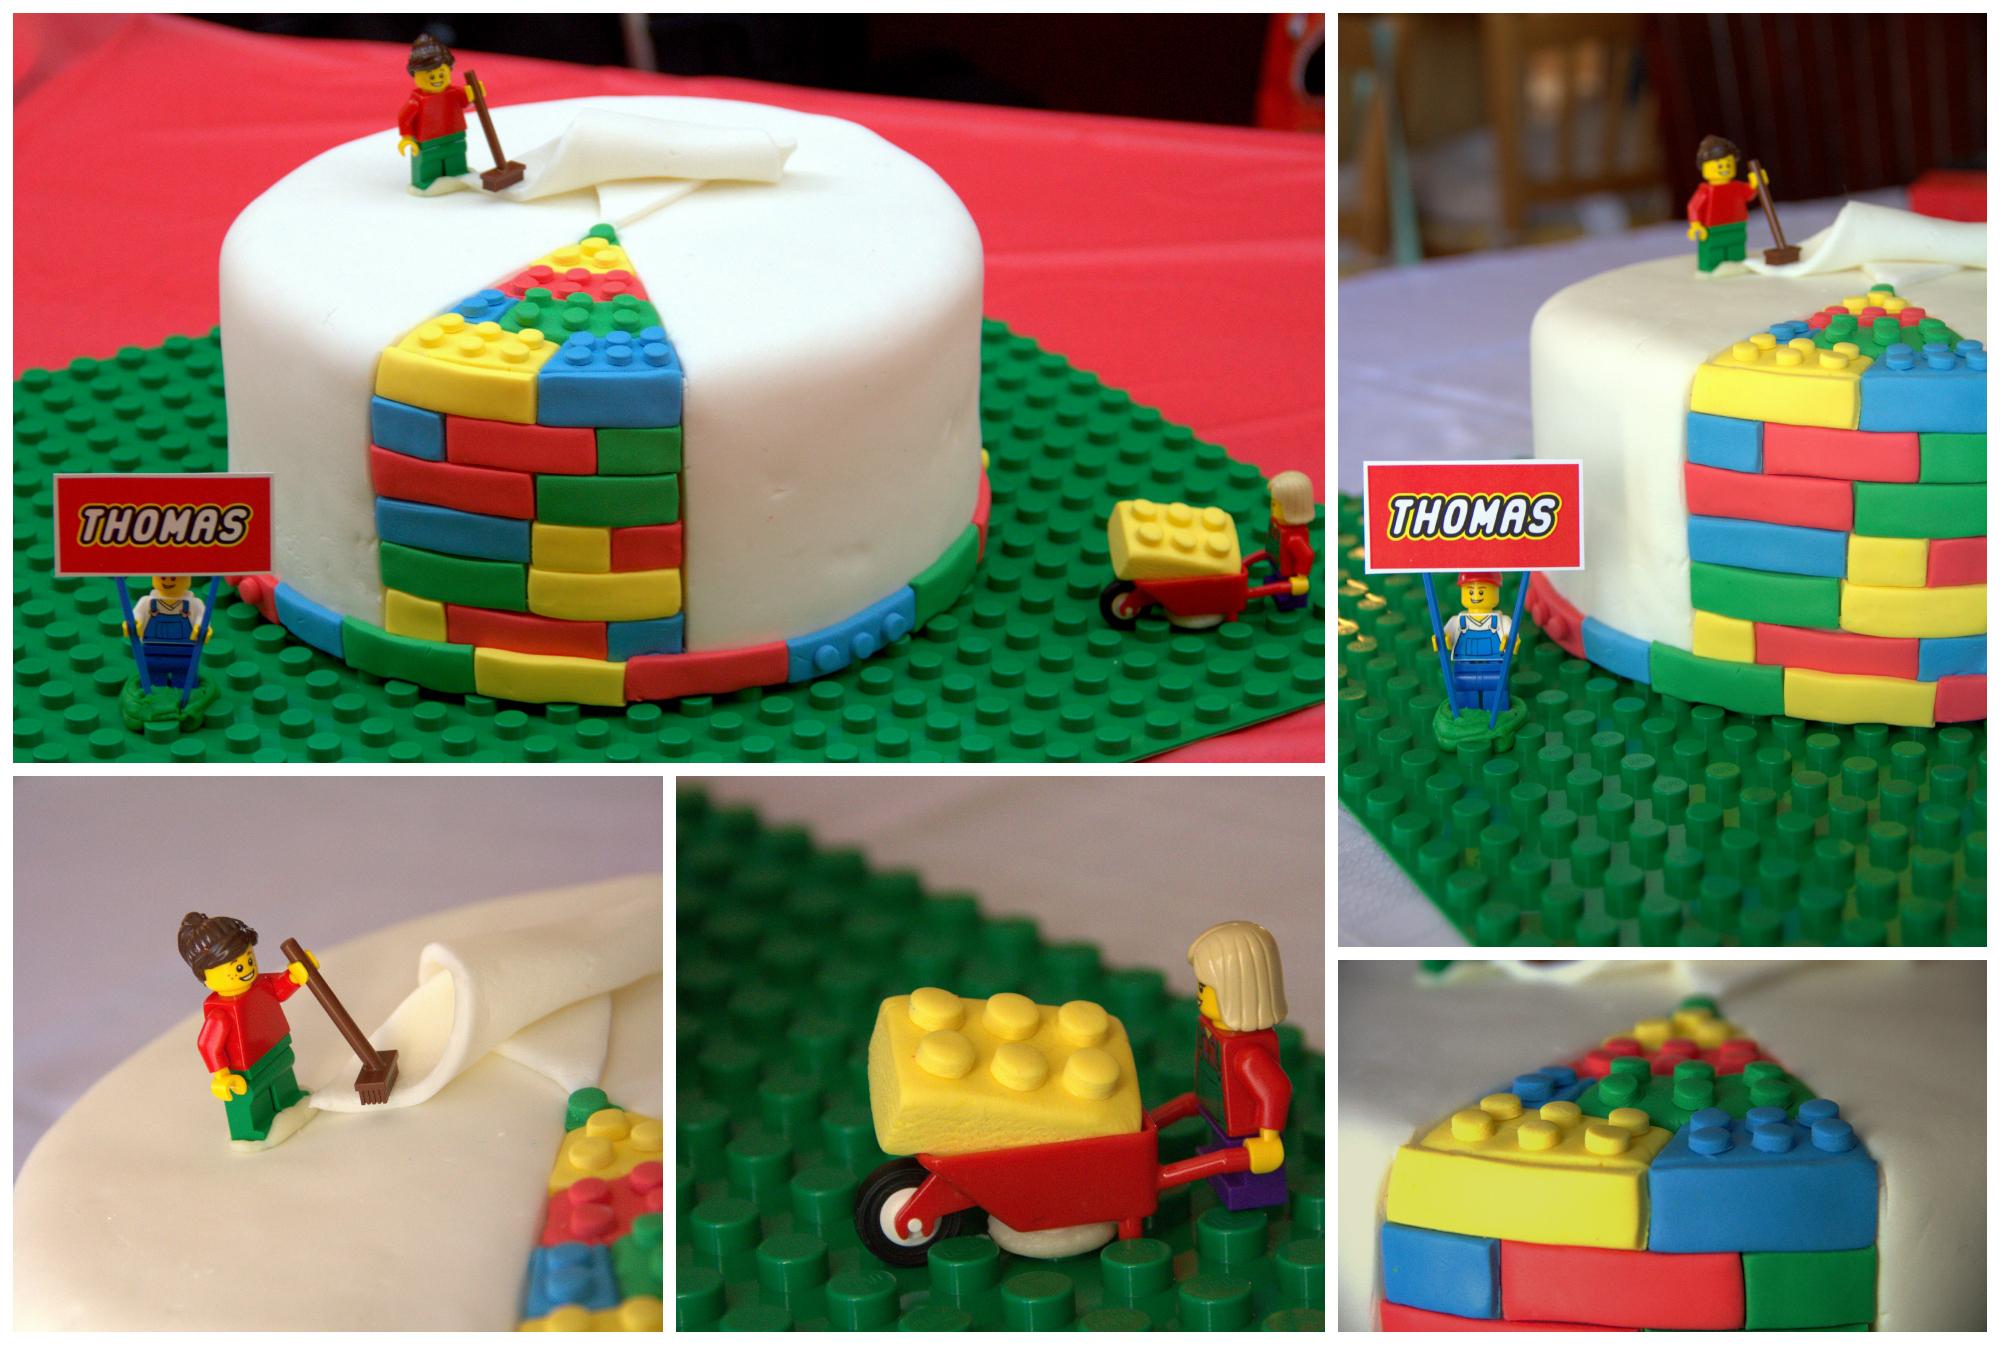 Birthday Cake9 - Lego Cake.jpg